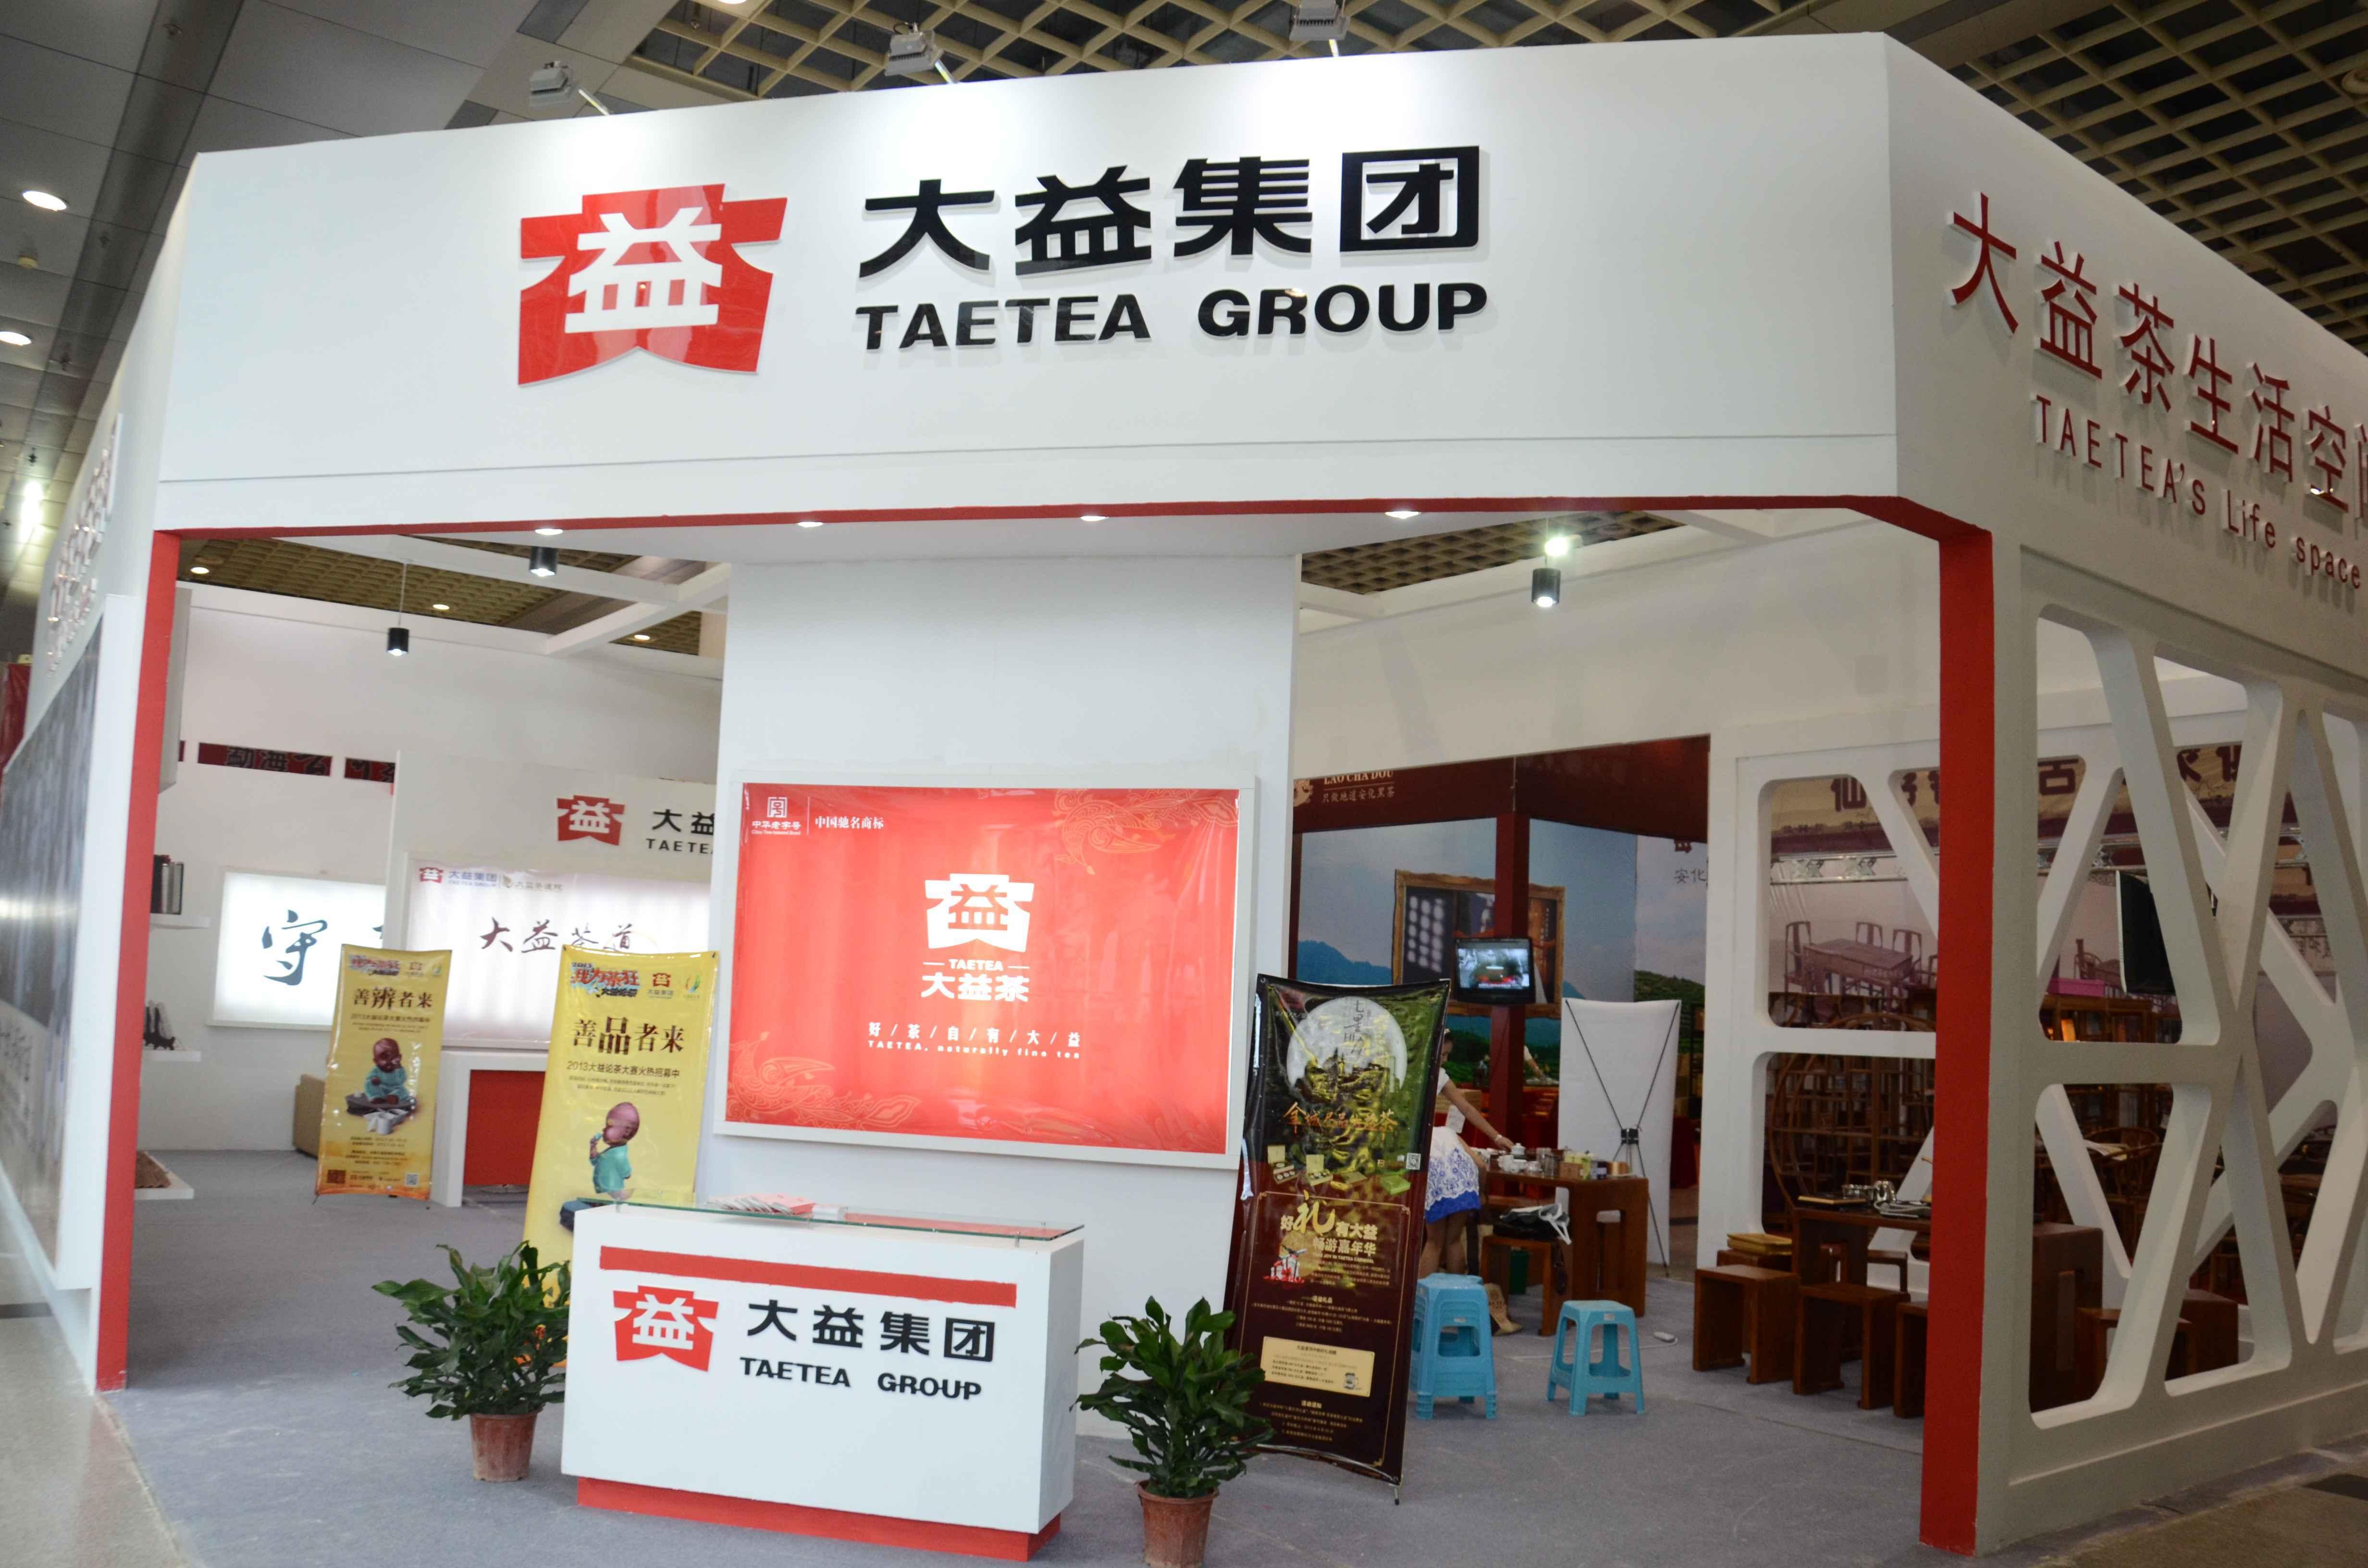 茶企也有style:中国北方茶博会上那些个性范儿十足的茶屋